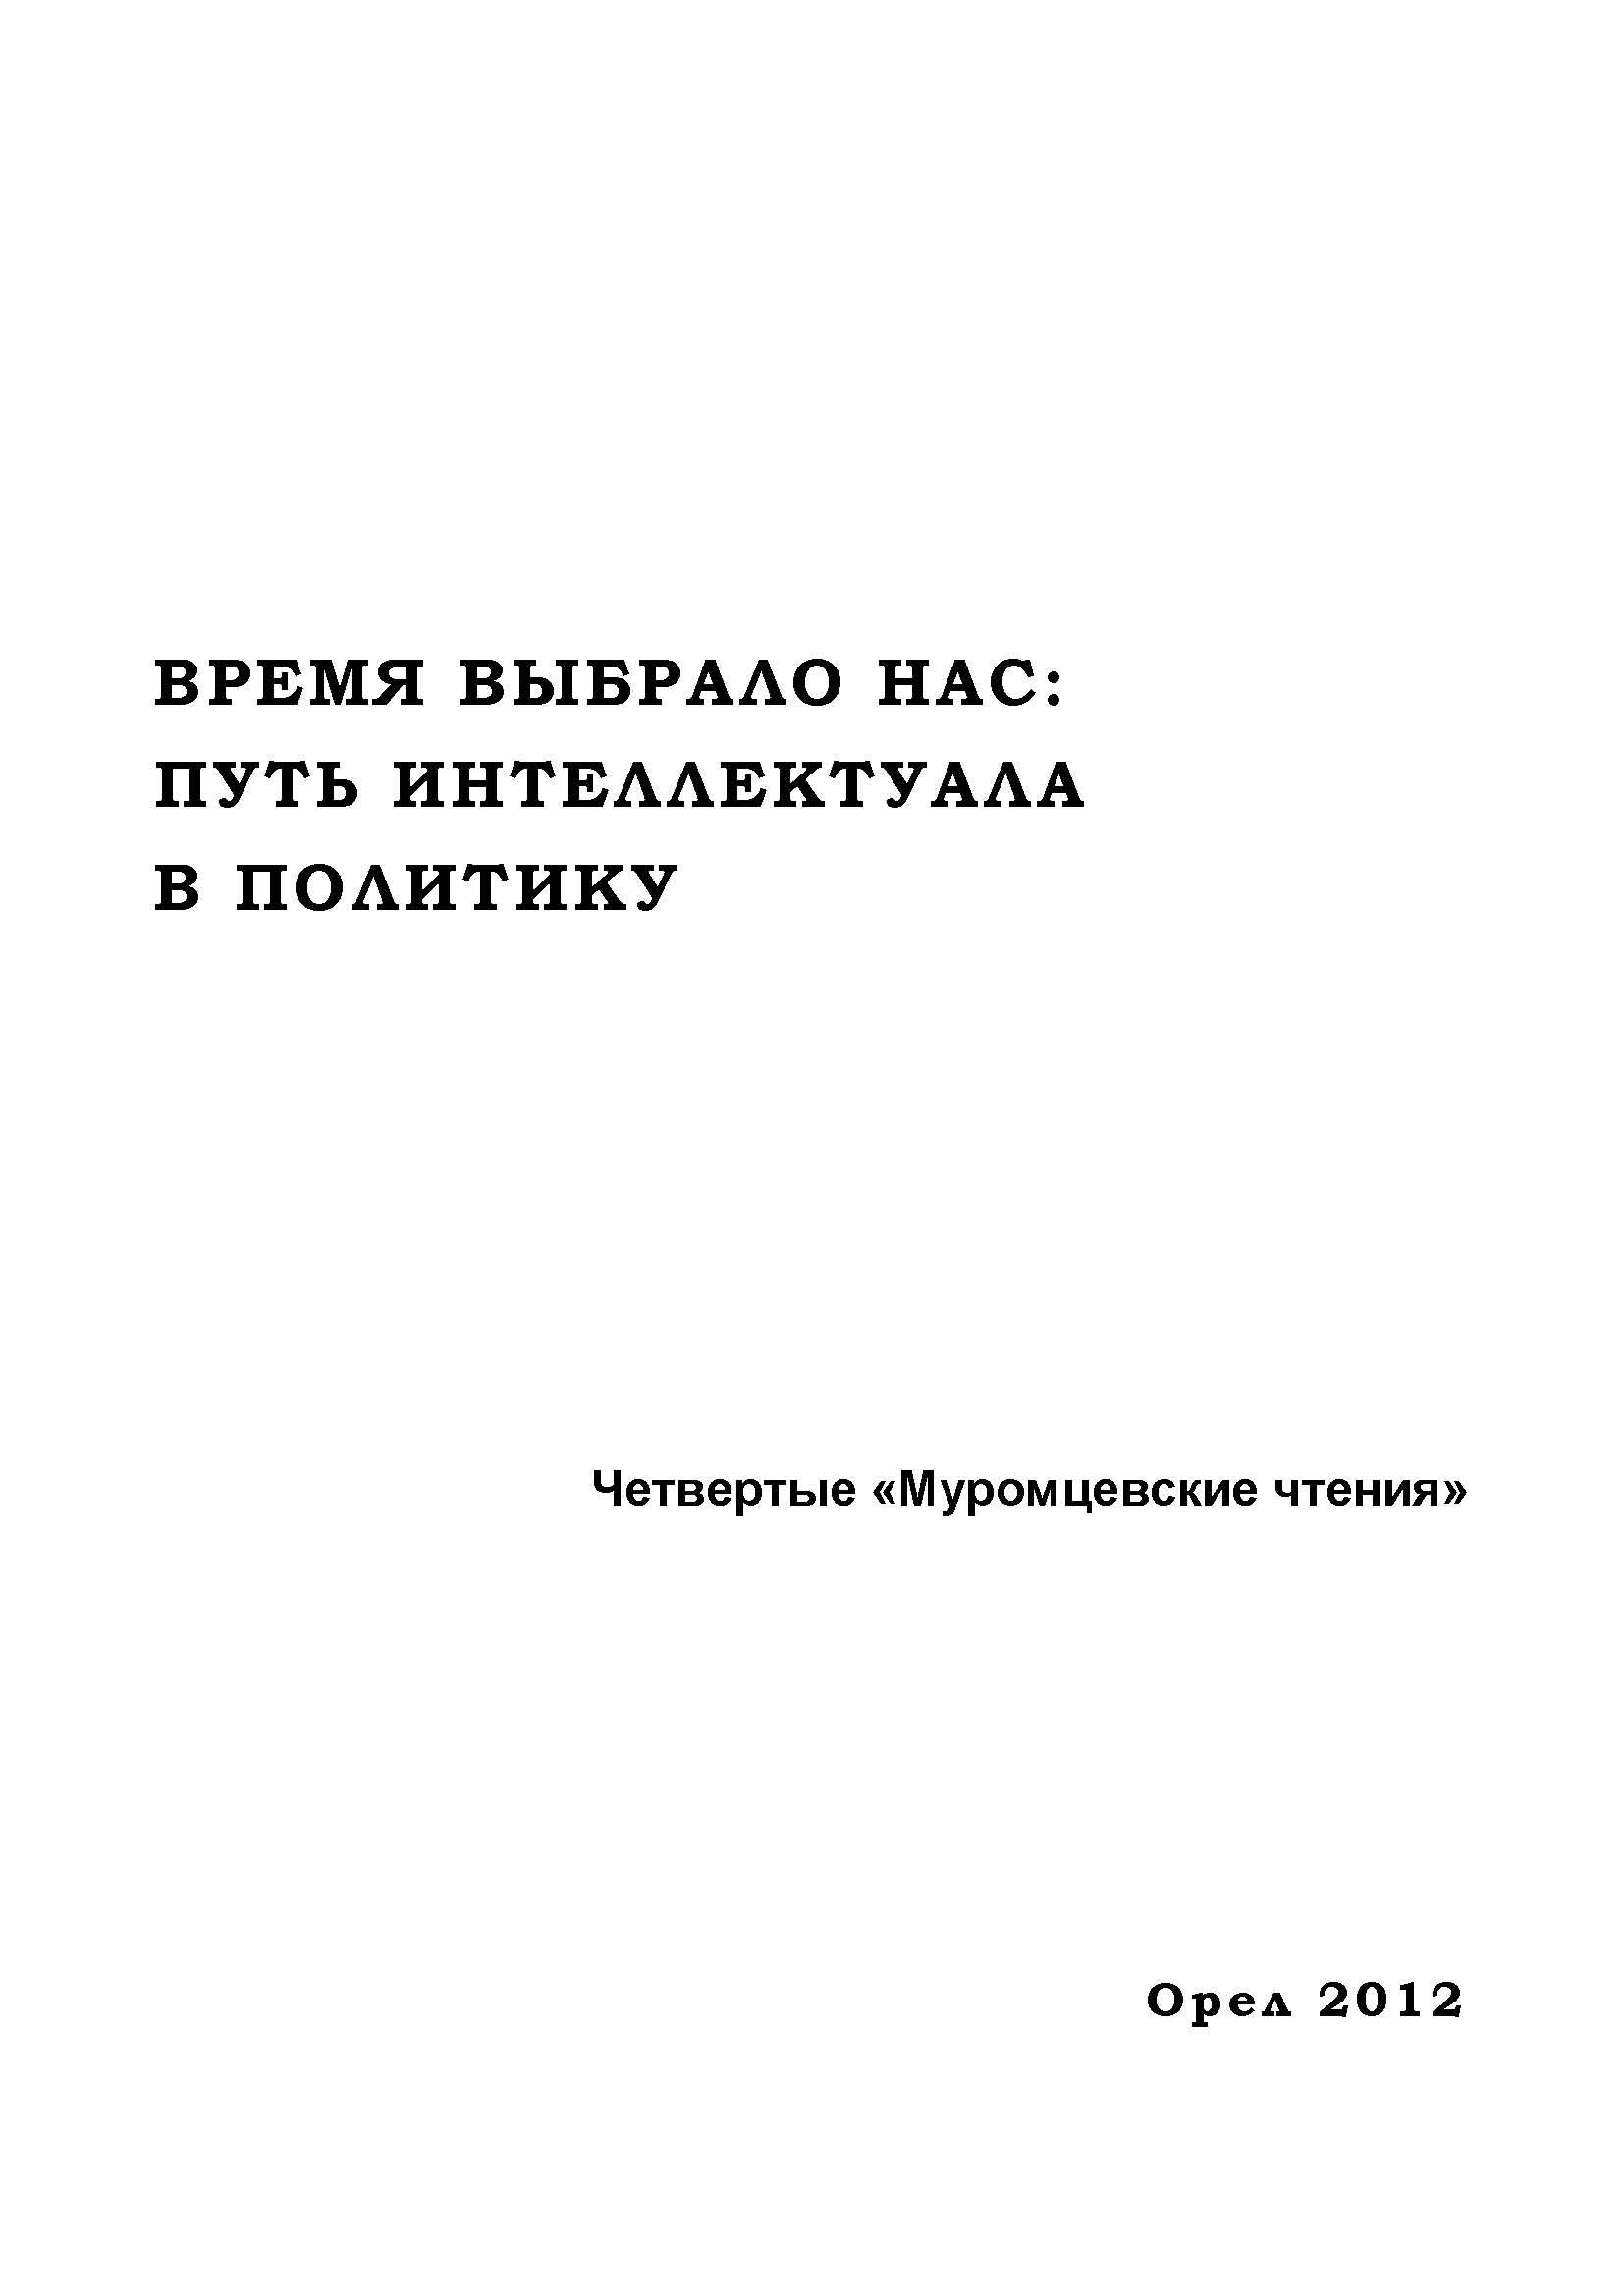 Об альтернативных стратегиях конституционных преобразований в постсоветской России